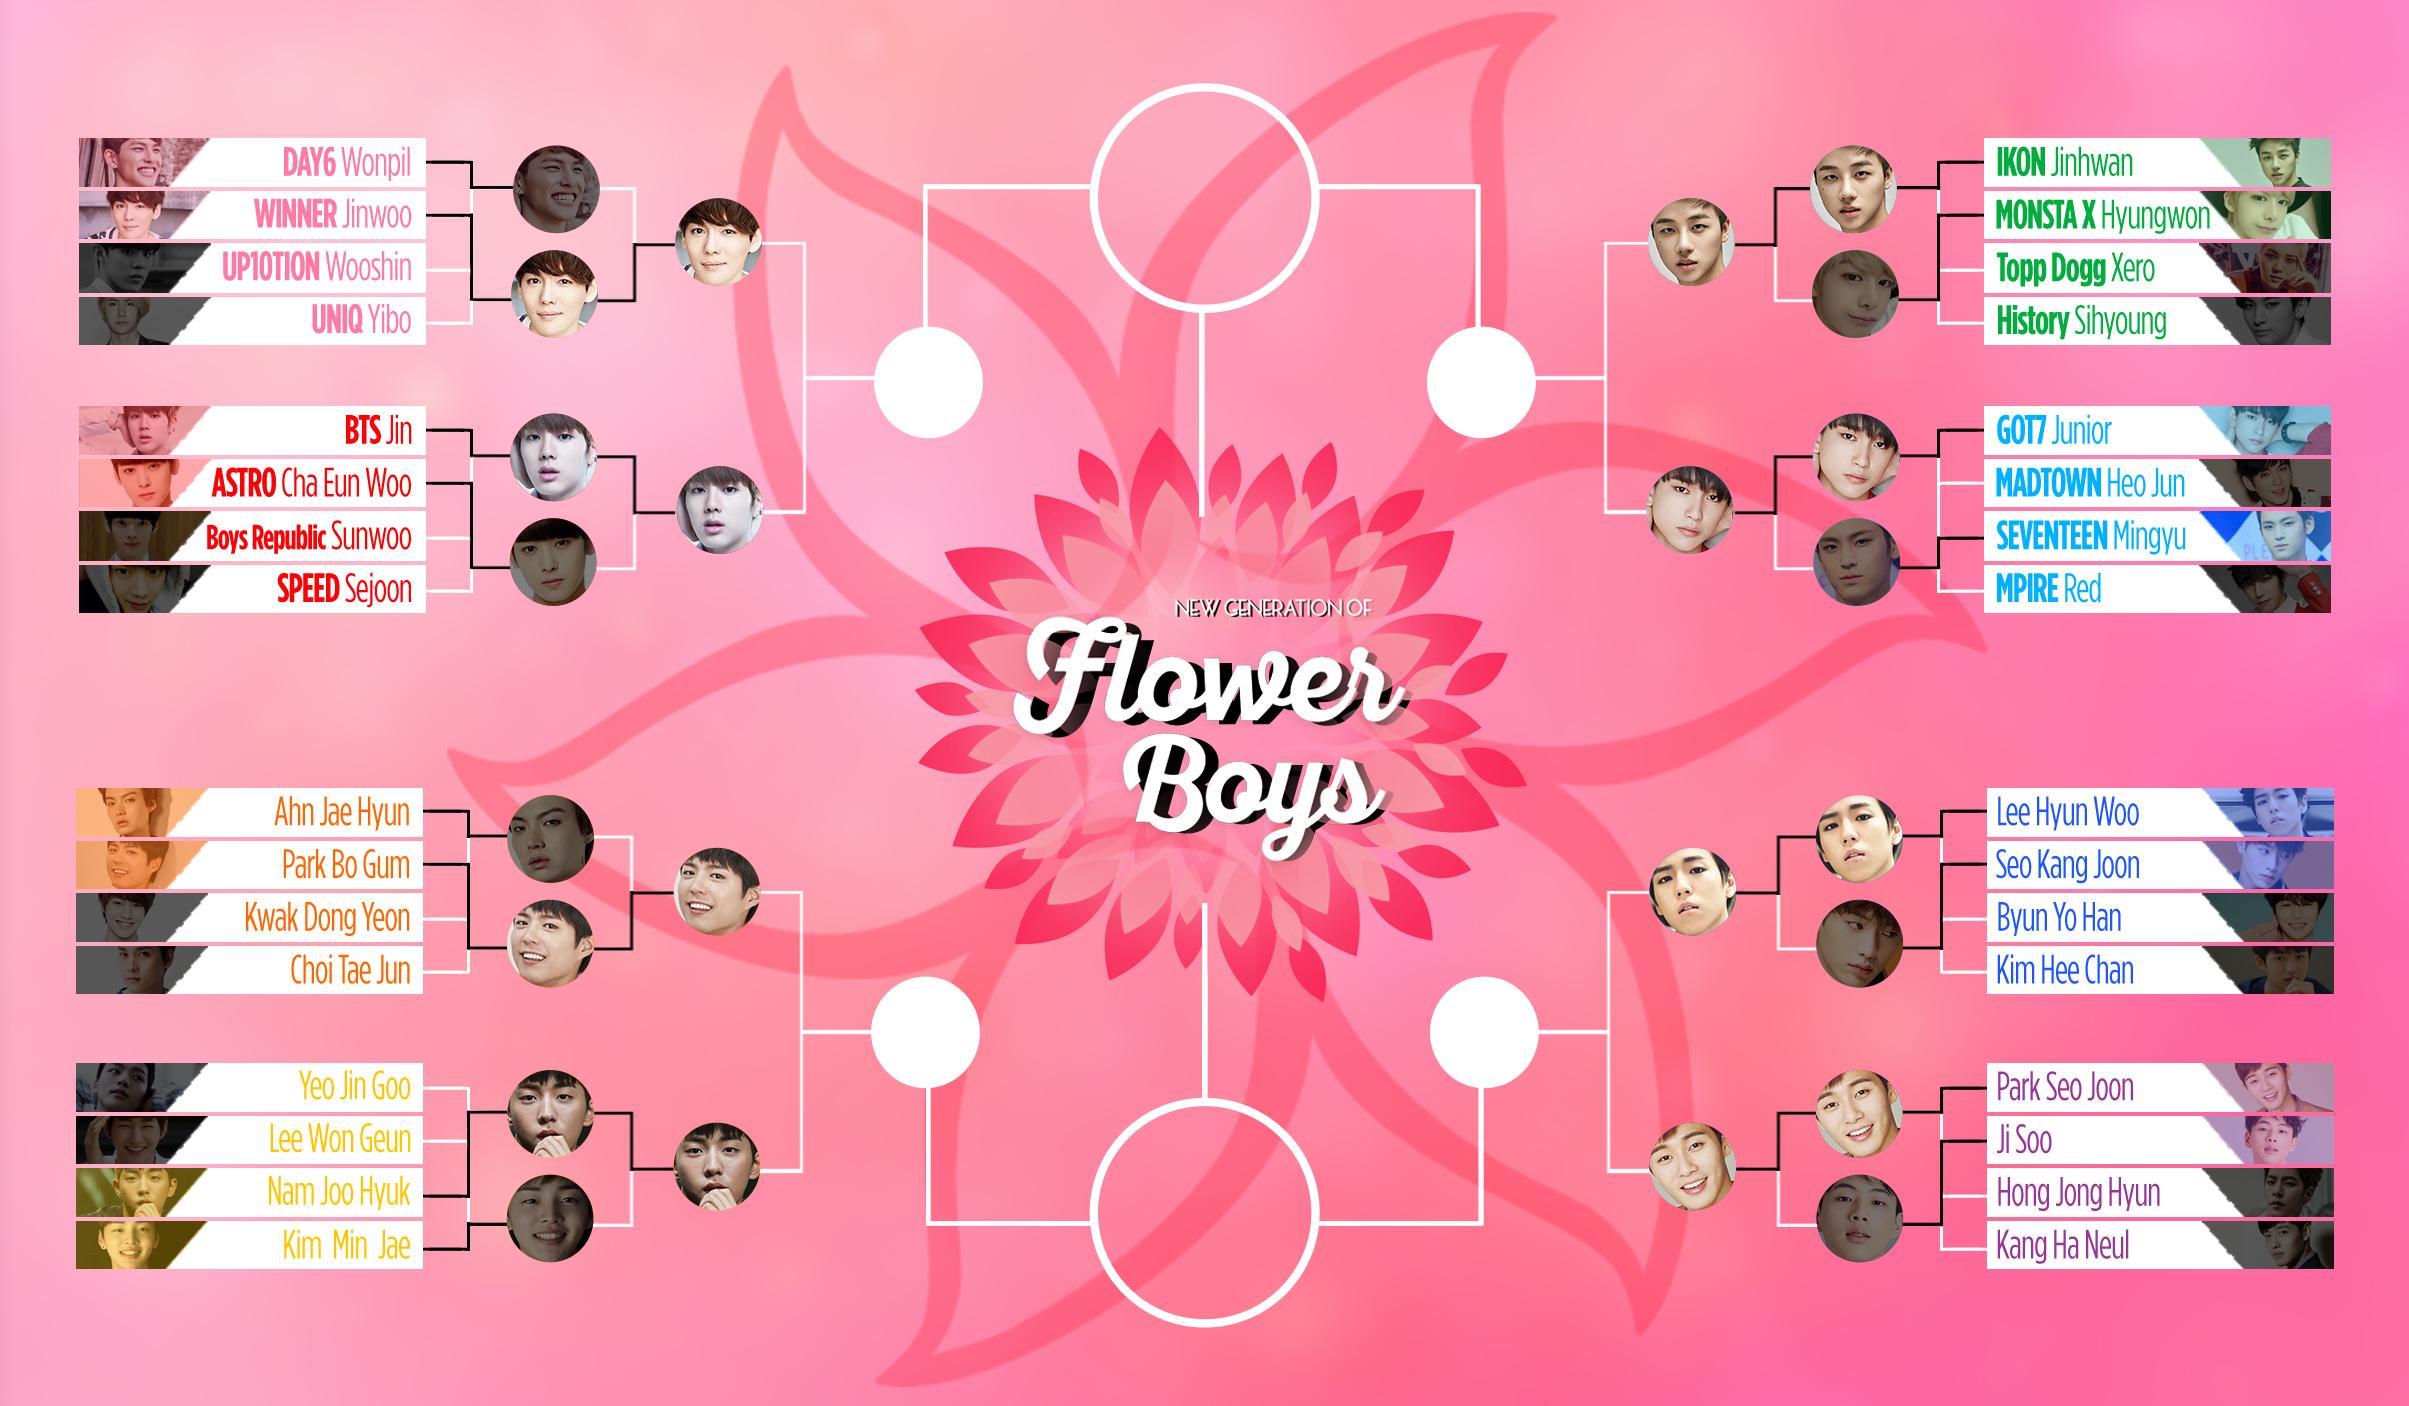 new-generation-flower-boy-round-three-bracket.jpg